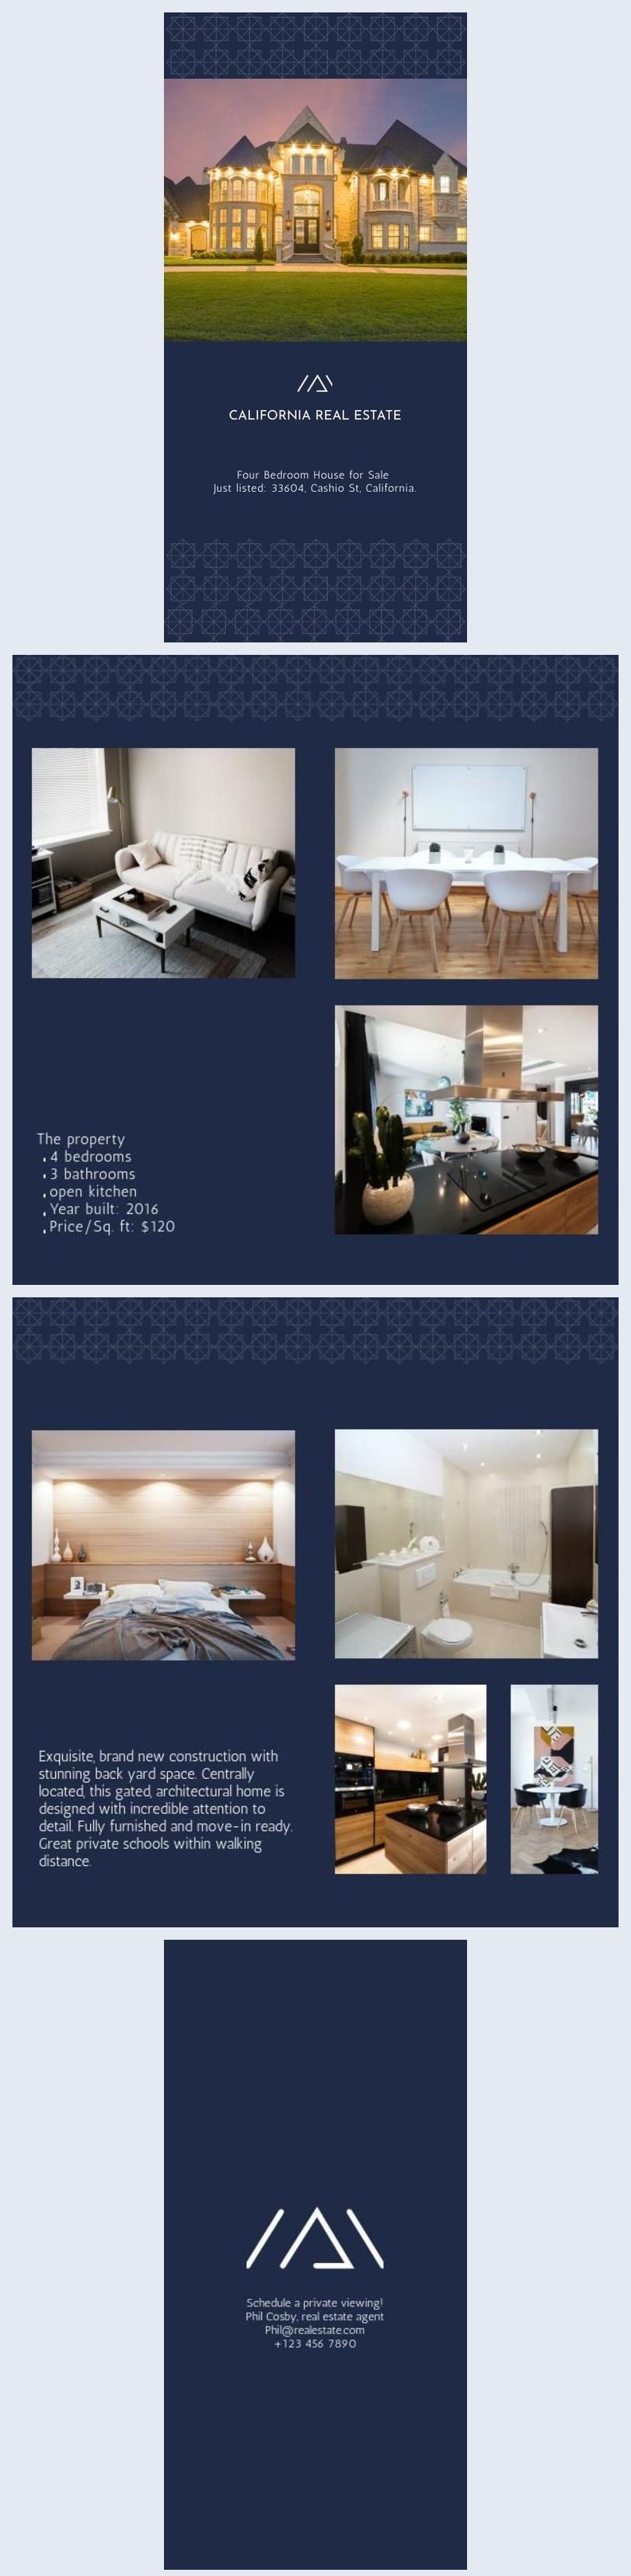 Exemplo de Brochura de Imobiliária - Casa à Venda